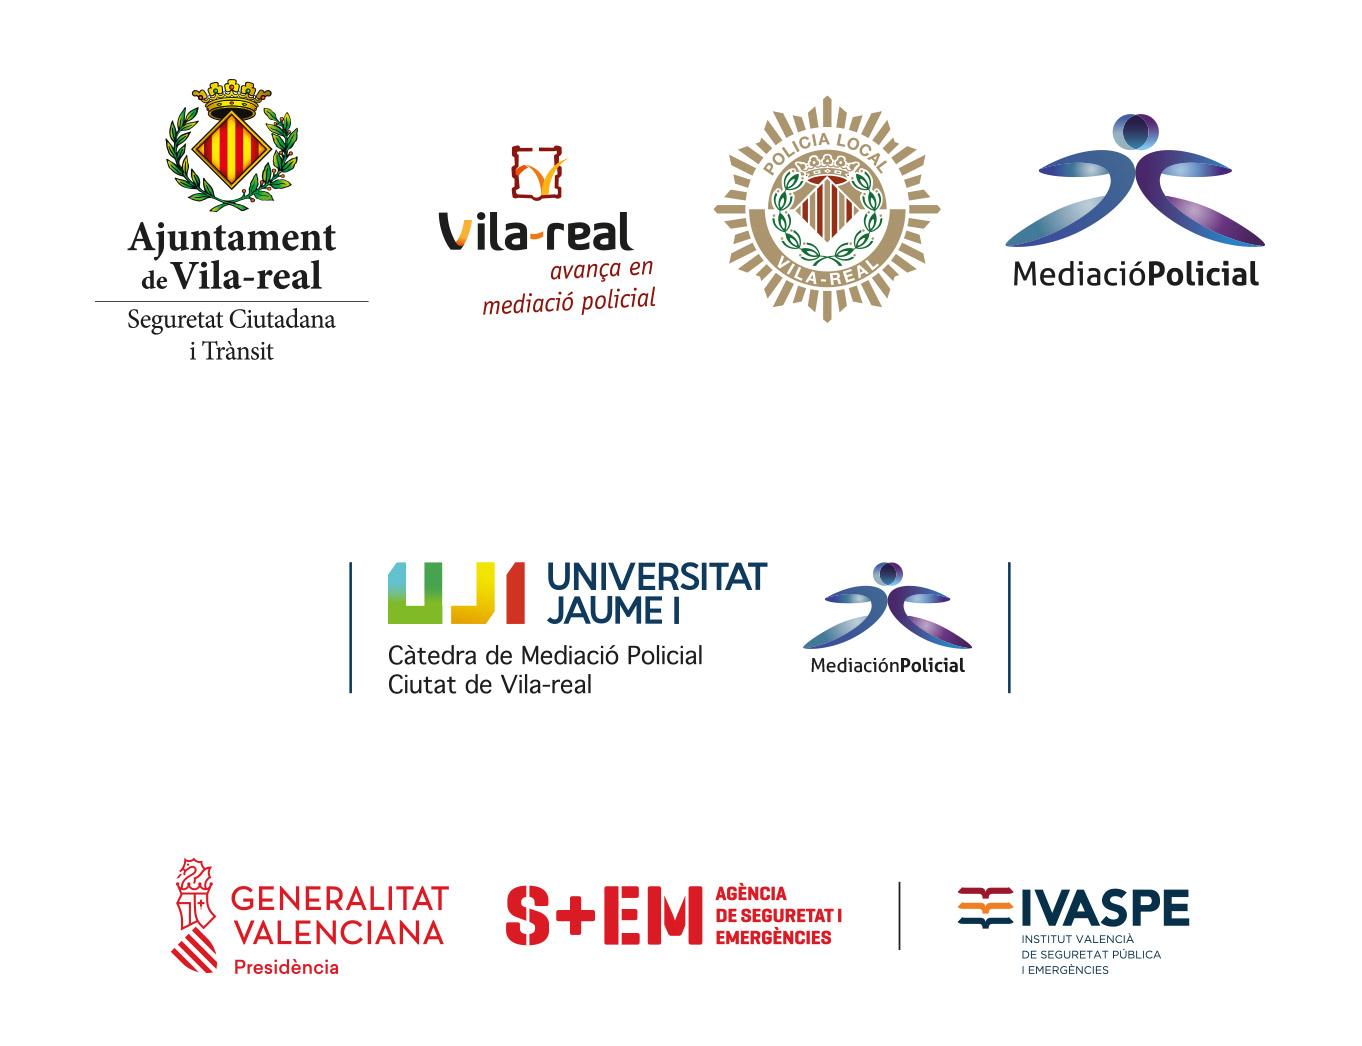 Ajuntament de Vila-real; Càtedra de Mediació Policial Ciutat de Vila-real de la UJI; Agenciándome de Seguretat i Emergències